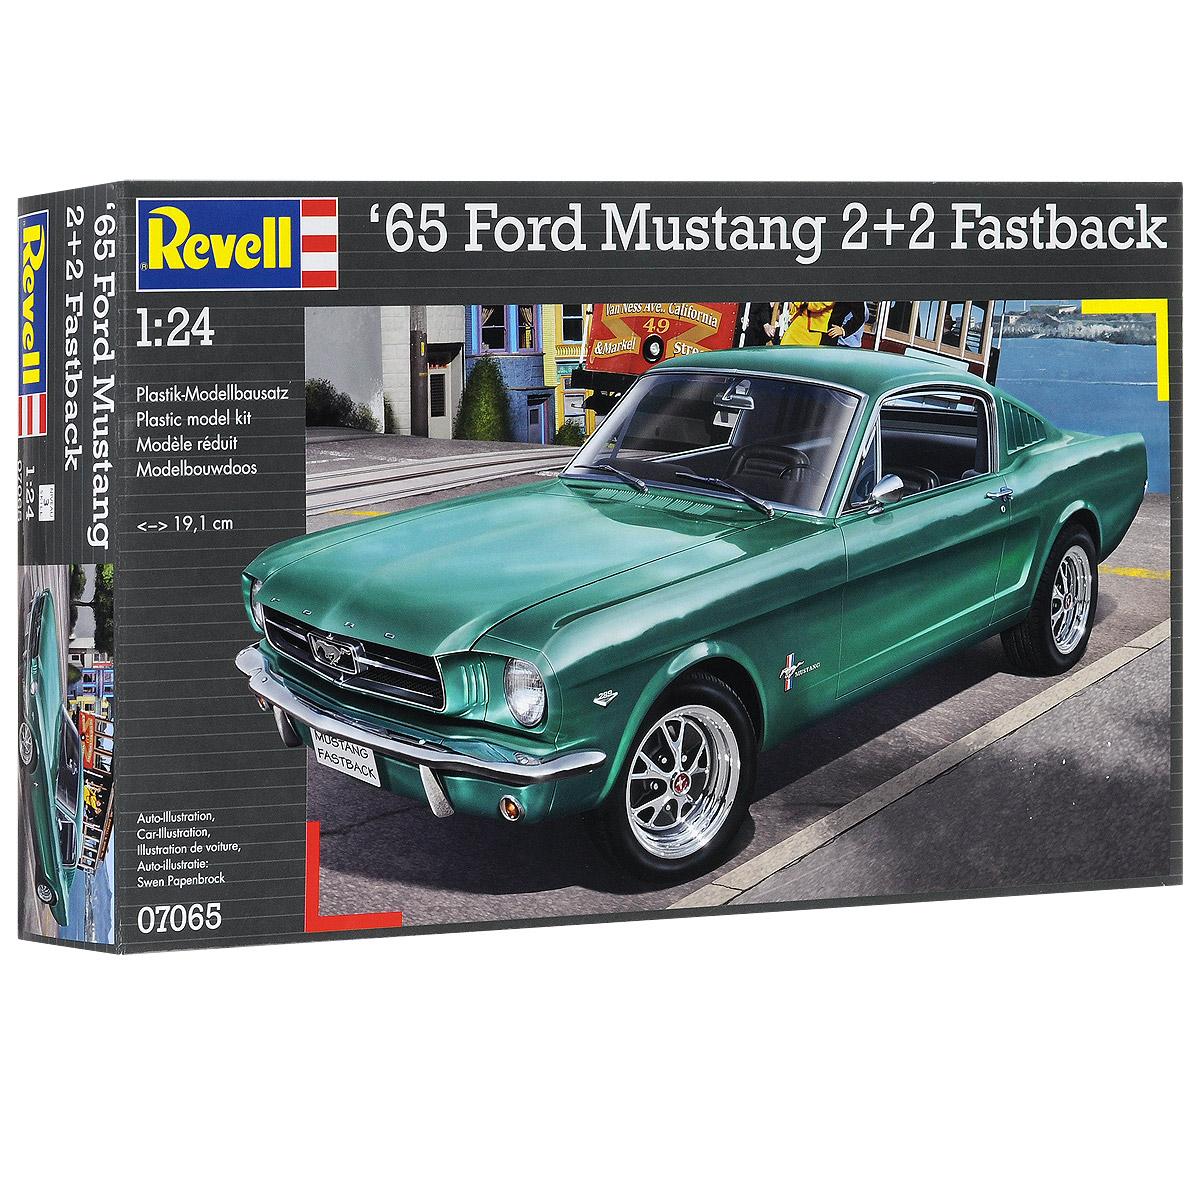 """Сборная модель Revell """"Автомобиль Ford Mustang 2+2 Fastback"""" поможет вам и вашему ребенку придумать увлекательное занятие на долгое время. Набор включает в себя 82 пластиковых элемента, из которых можно собрать достоверную уменьшенную копию одноименного автомобиля. Ford Mustang - культовый автомобиль класса Pony Car производства Ford Motor Company. Изначальный вариант был создан на базе агрегатов семейного седана Ford Falcon (создатель Ли Якокка и его команда). Первый серийный Mustang сошел с конвейера 9 марта 1964 года как модель 1965 года (в среде коллекционеров относительно """"Мустангов"""" выпуска до осени 1964 года употребляется неофициальное обозначение """"модель 1964 1/2""""). 17 апреля автомобиль был представлен публике в Нью-Йорке, а 19 апреля - показан по всем трем американским телевещательным сетям. Продвижение автомобиля сопровождалось активной рекламной кампанией. Это была одна из самых удачных премьер в истории автомобилестроения. За первые 18 месяцев было продано более..."""